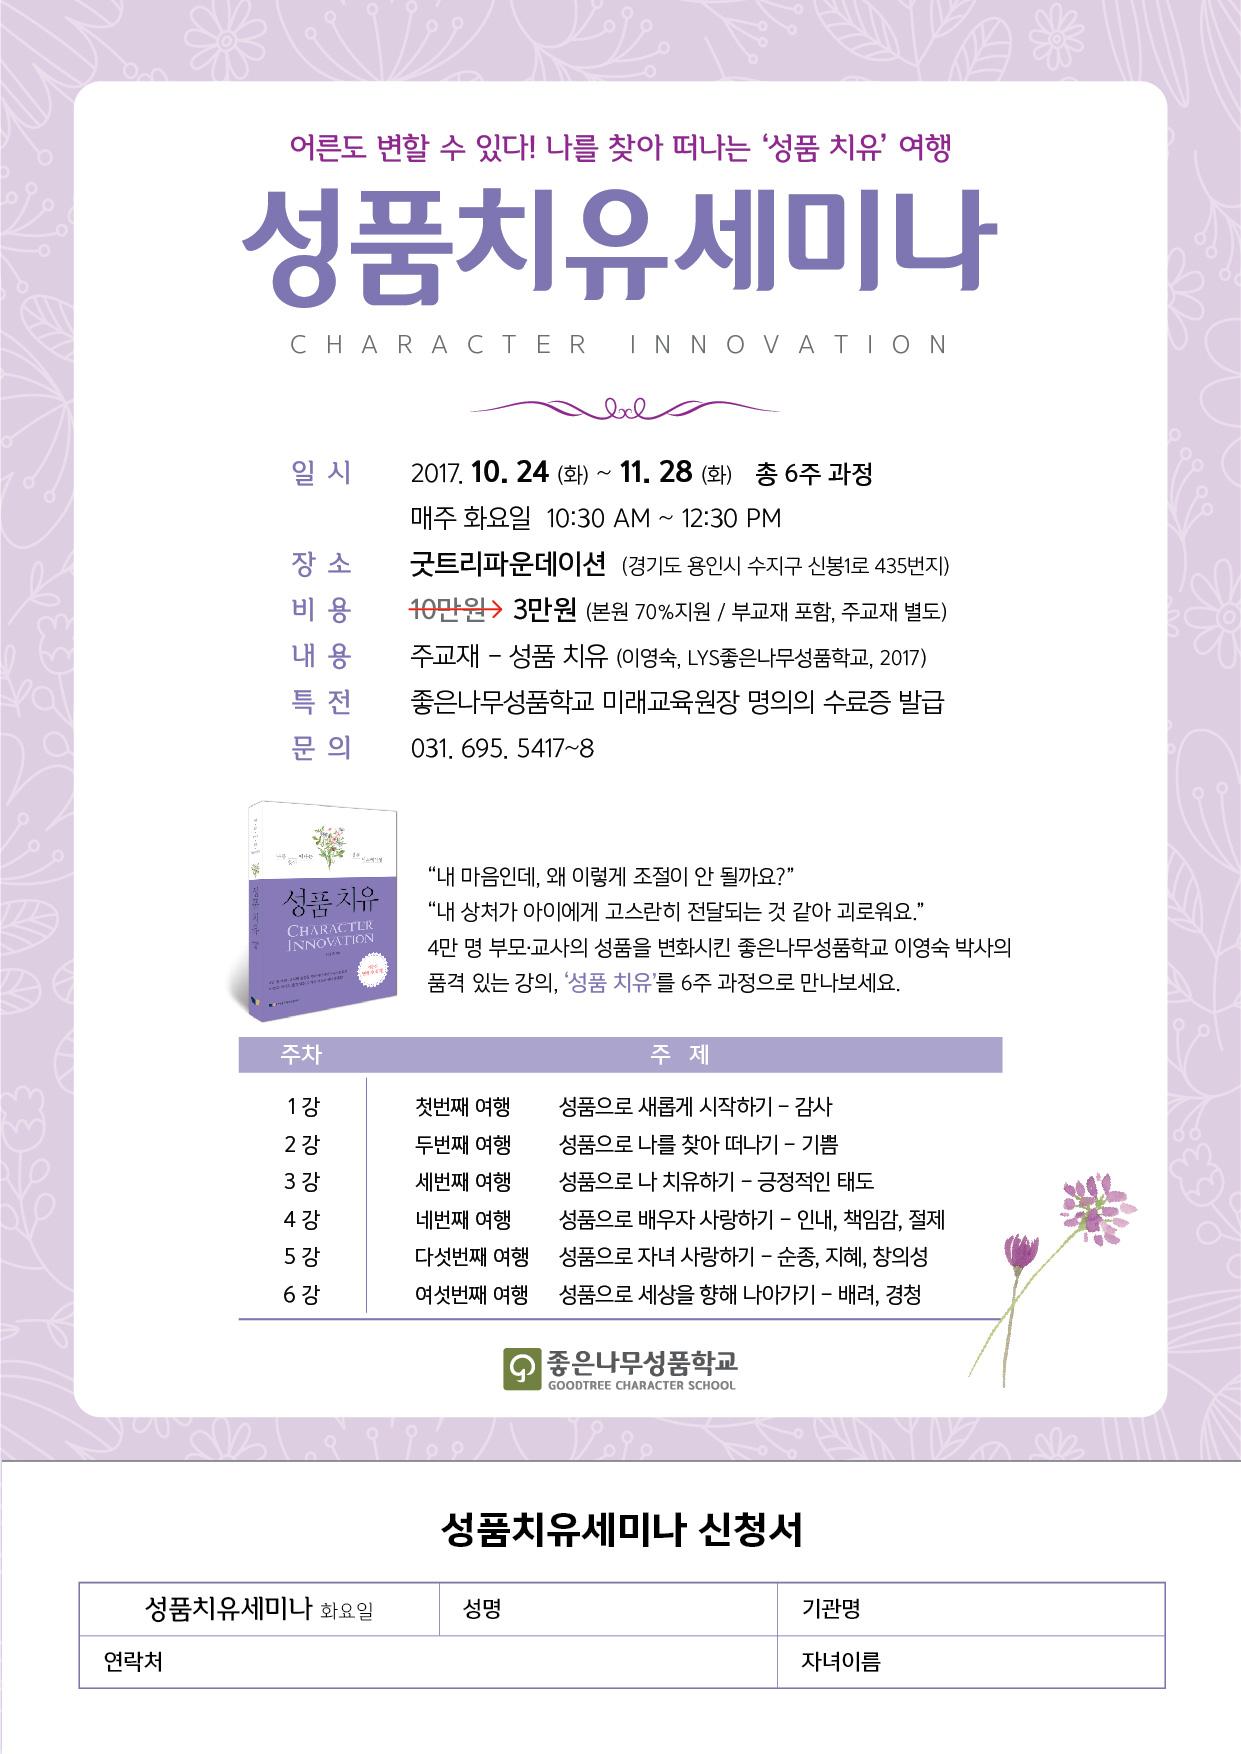 성품 치유세미나 홍보전단-직스용.jpg